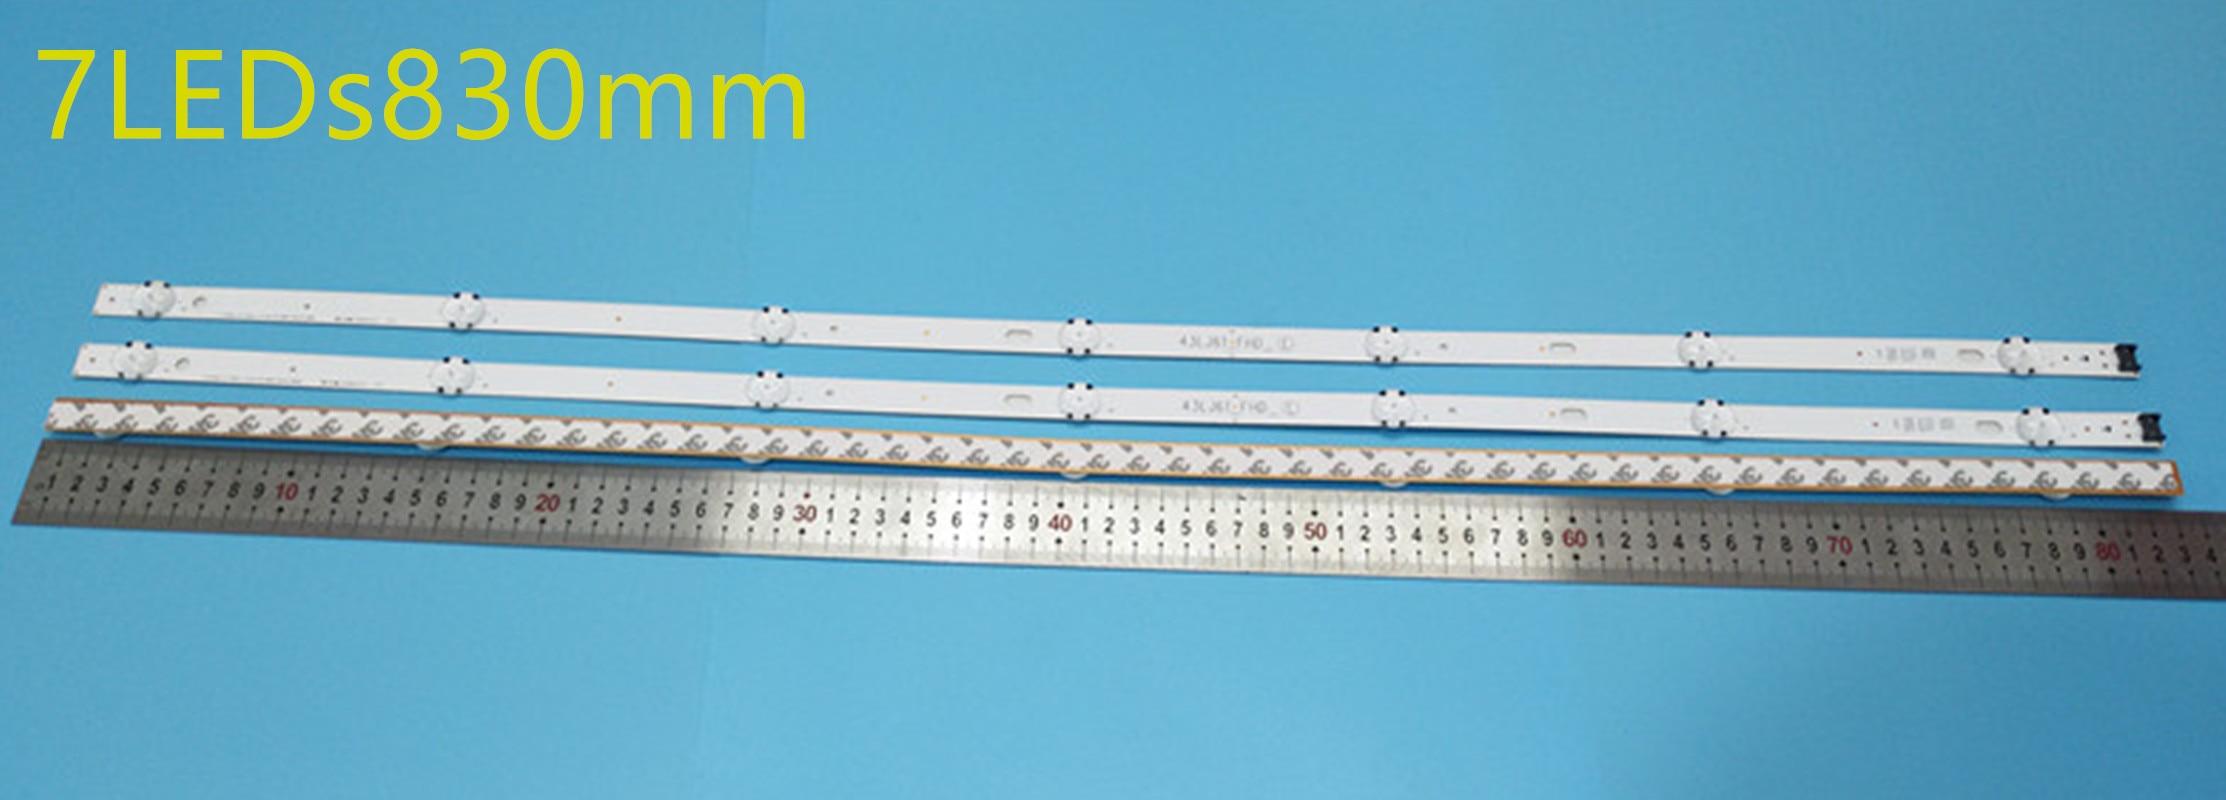 جديد كيت 3 قطعة 7LED 830 مللي متر LED شريط إضاءة خلفي ل LG 43UJ670V 43UJ6300 43UJ634V LC43490062A LC43490063A LC43490064A LC43490060A